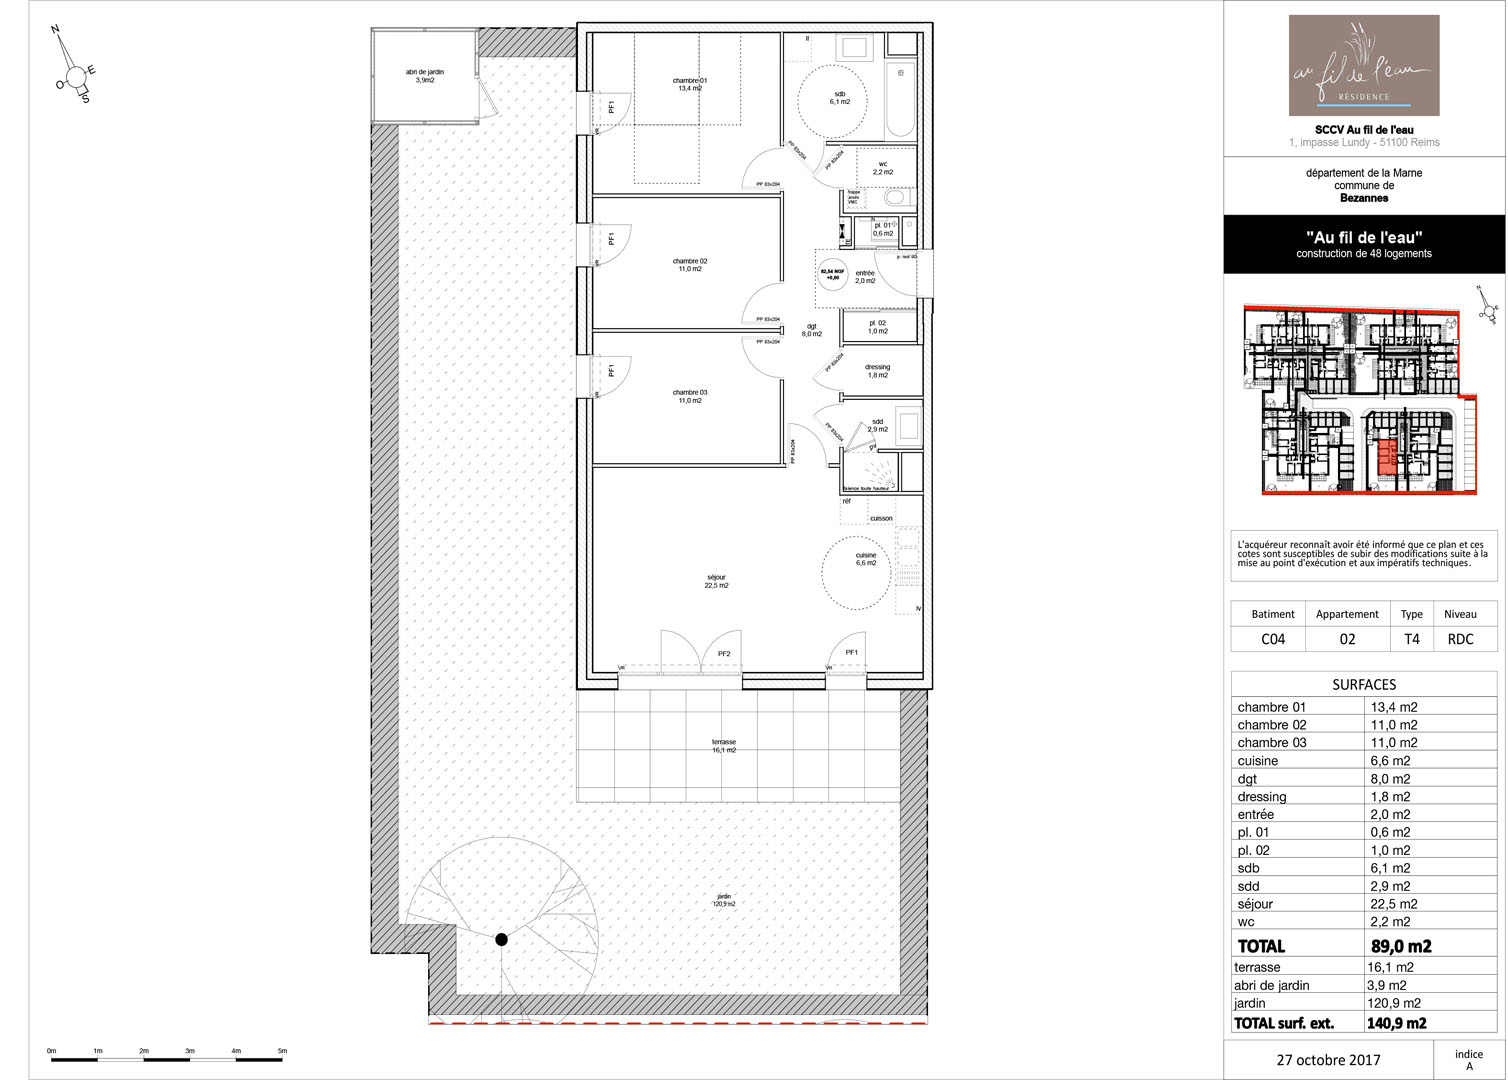 appartement C04-02 de type T4